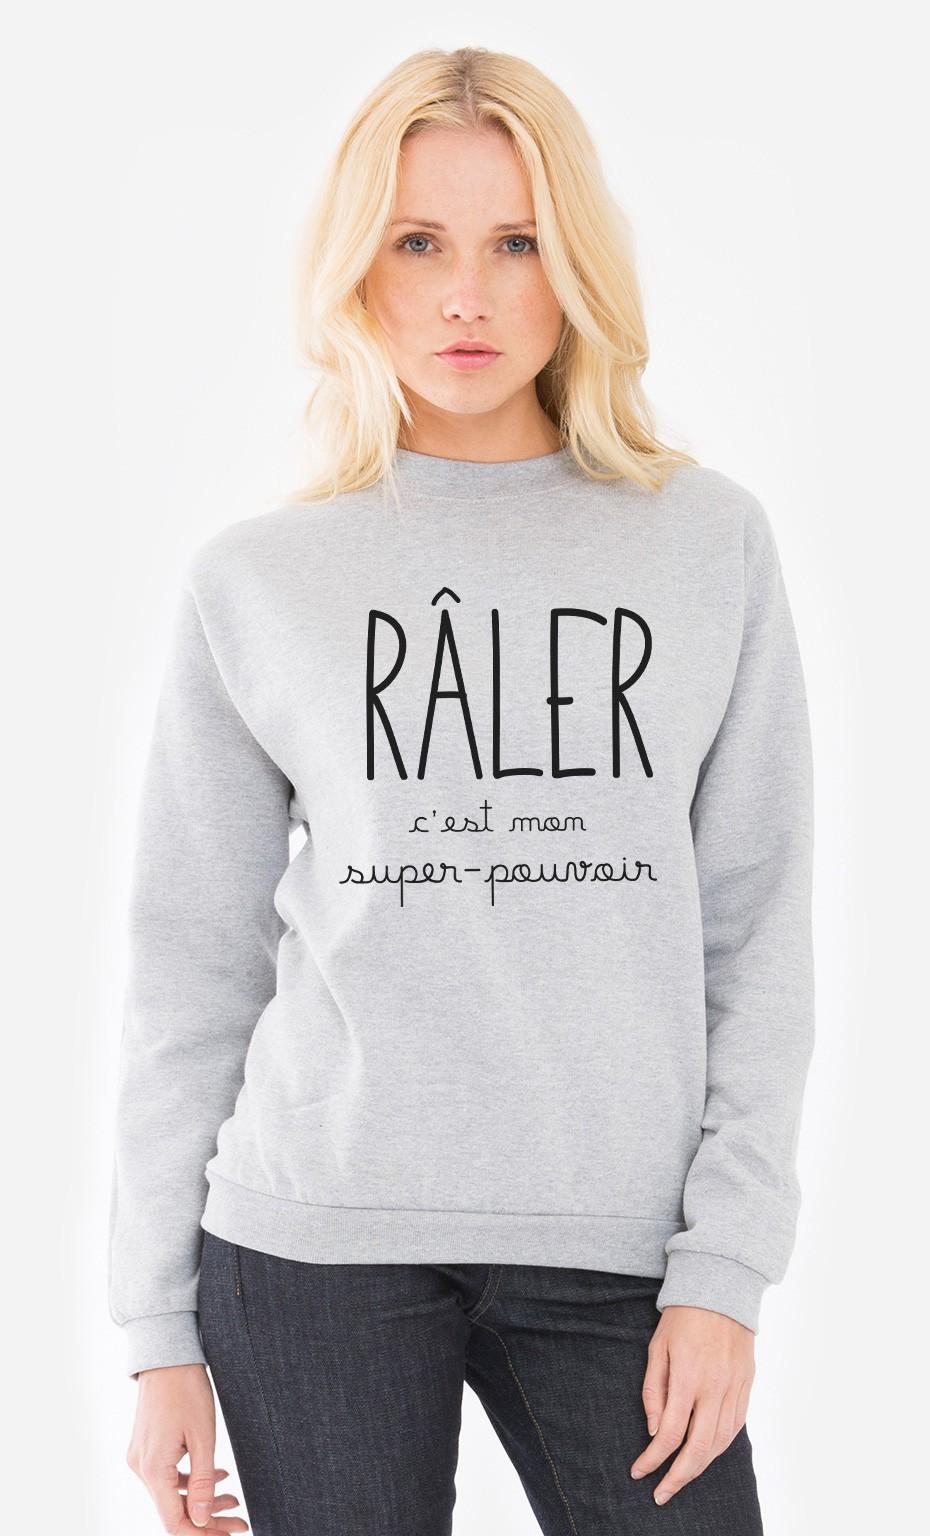 Populaire Sweat Femme Râler C'est Mon Super Pouvoir doux et confortable - Wooop KD31